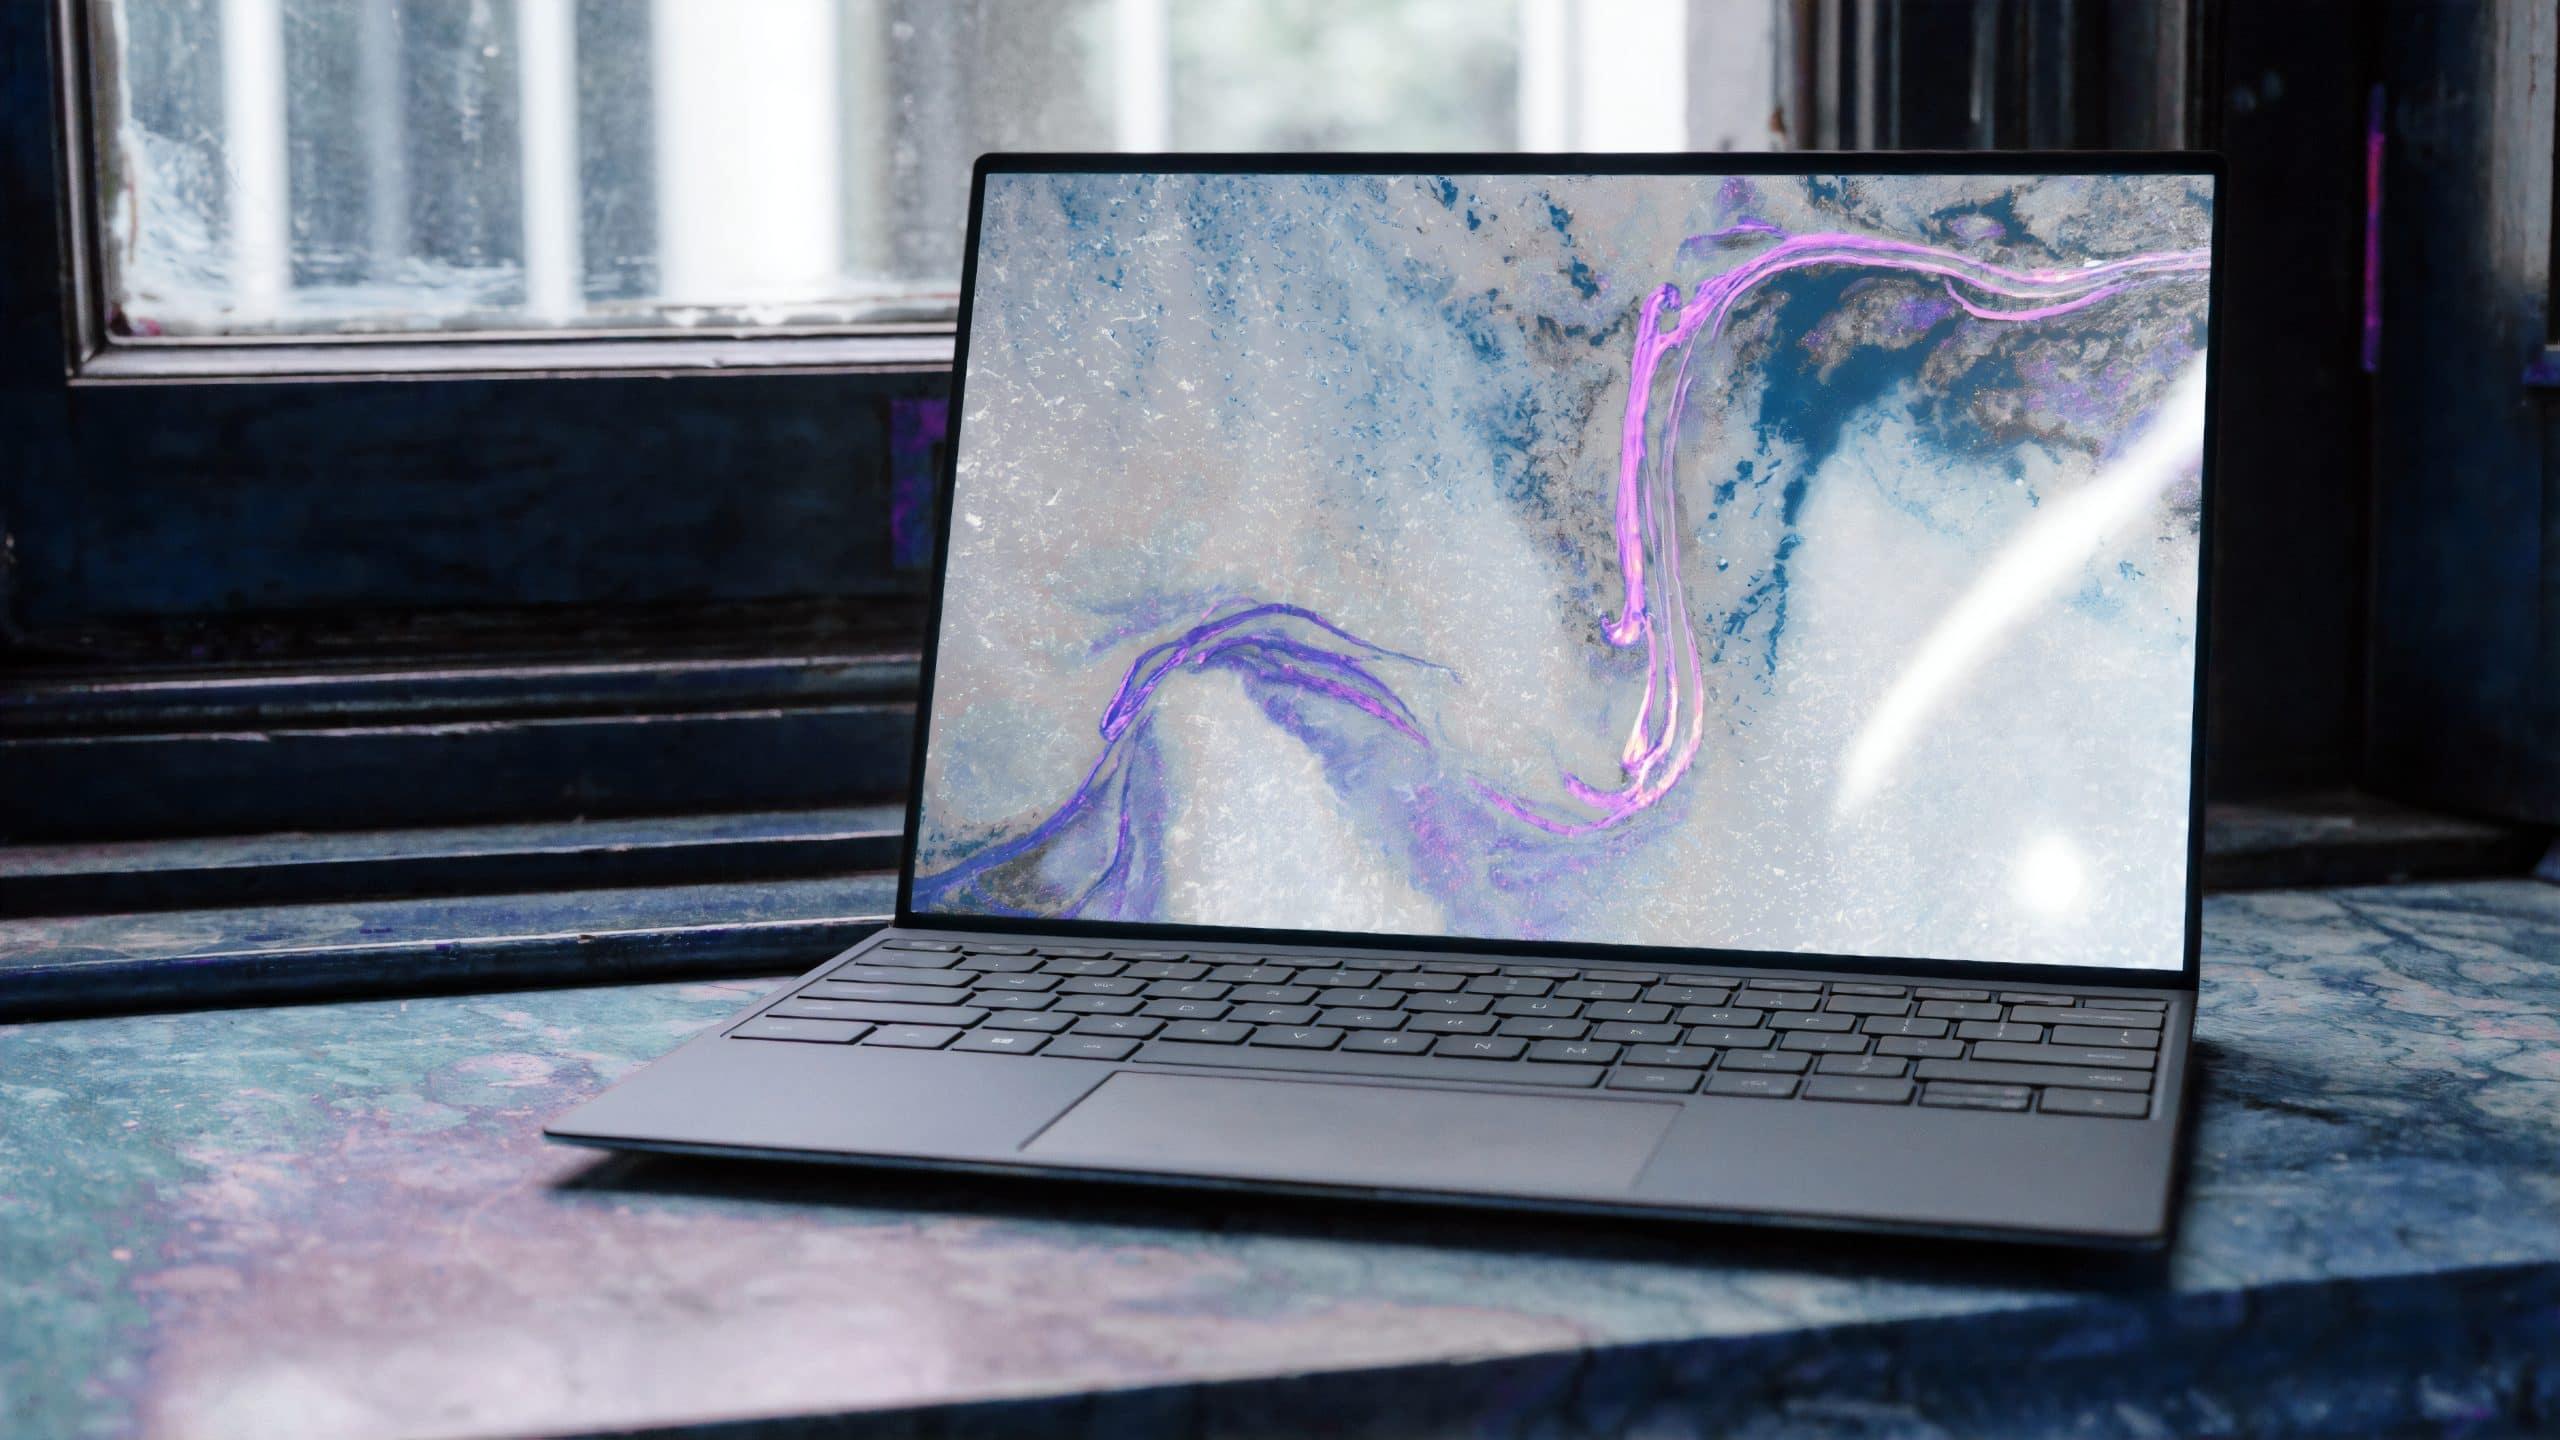 Best 2 in 1 Laptop Under $400 2021